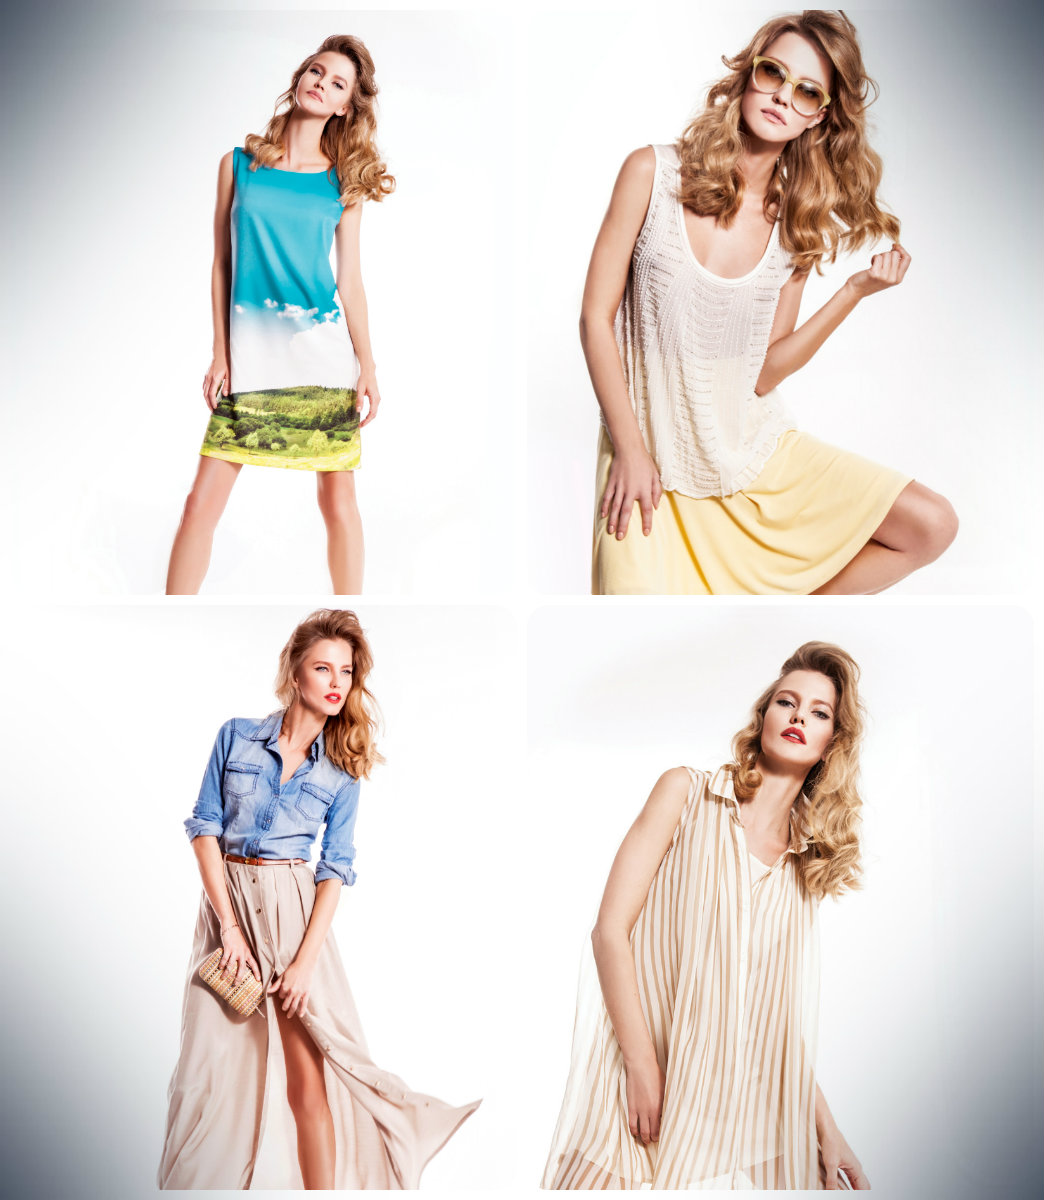 Известные люди о связи моды и влюбленности